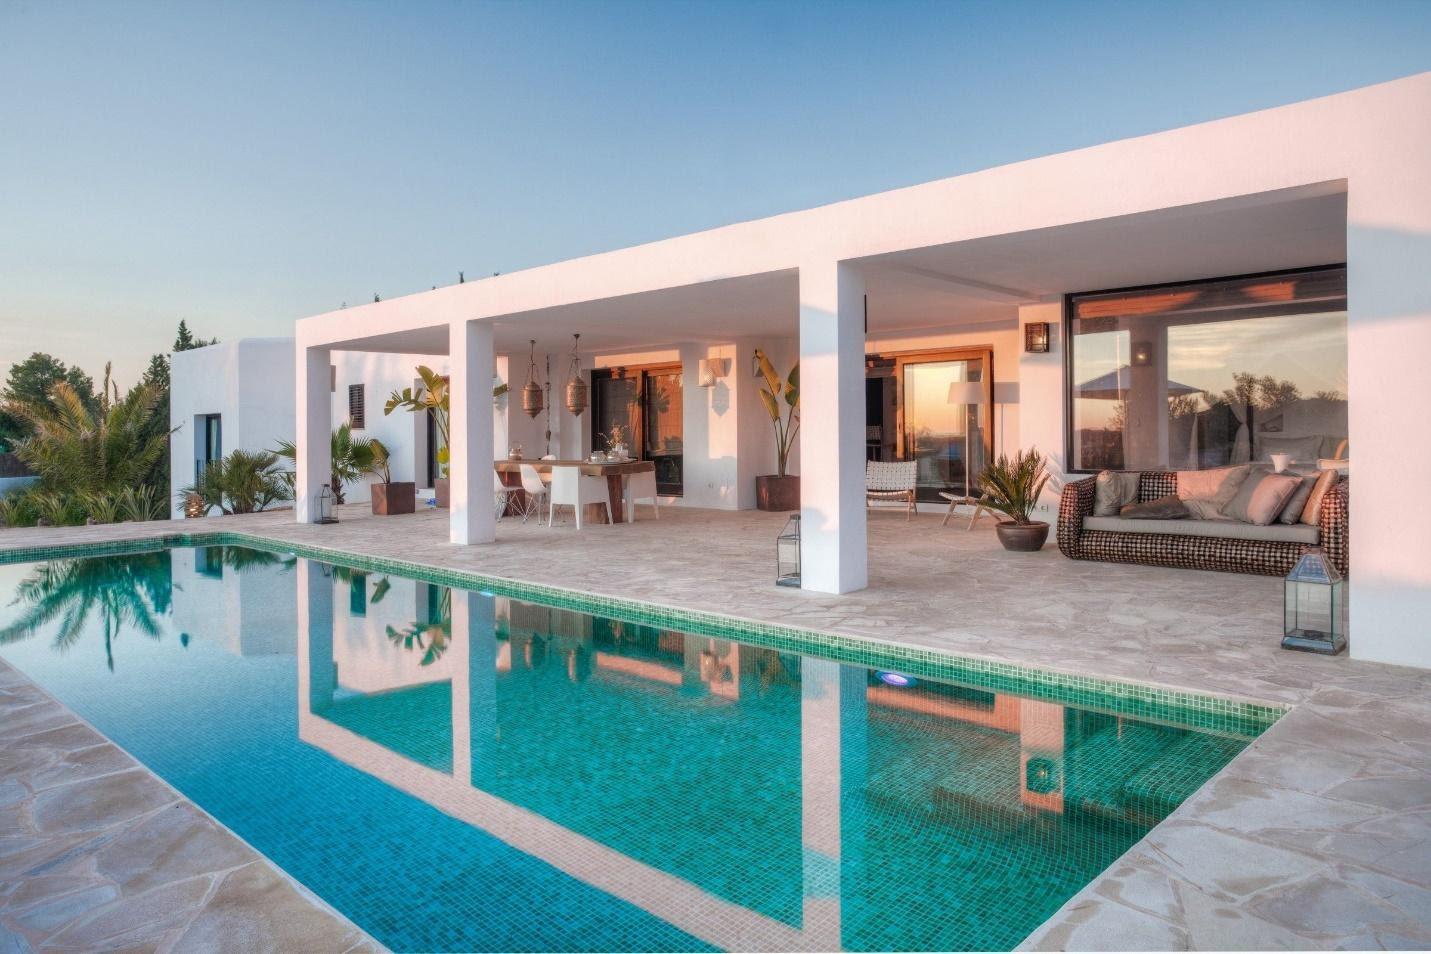 7 Desain dan Denah Rumah Mewah Terbaru 2020, Elegan dan Minimalis!